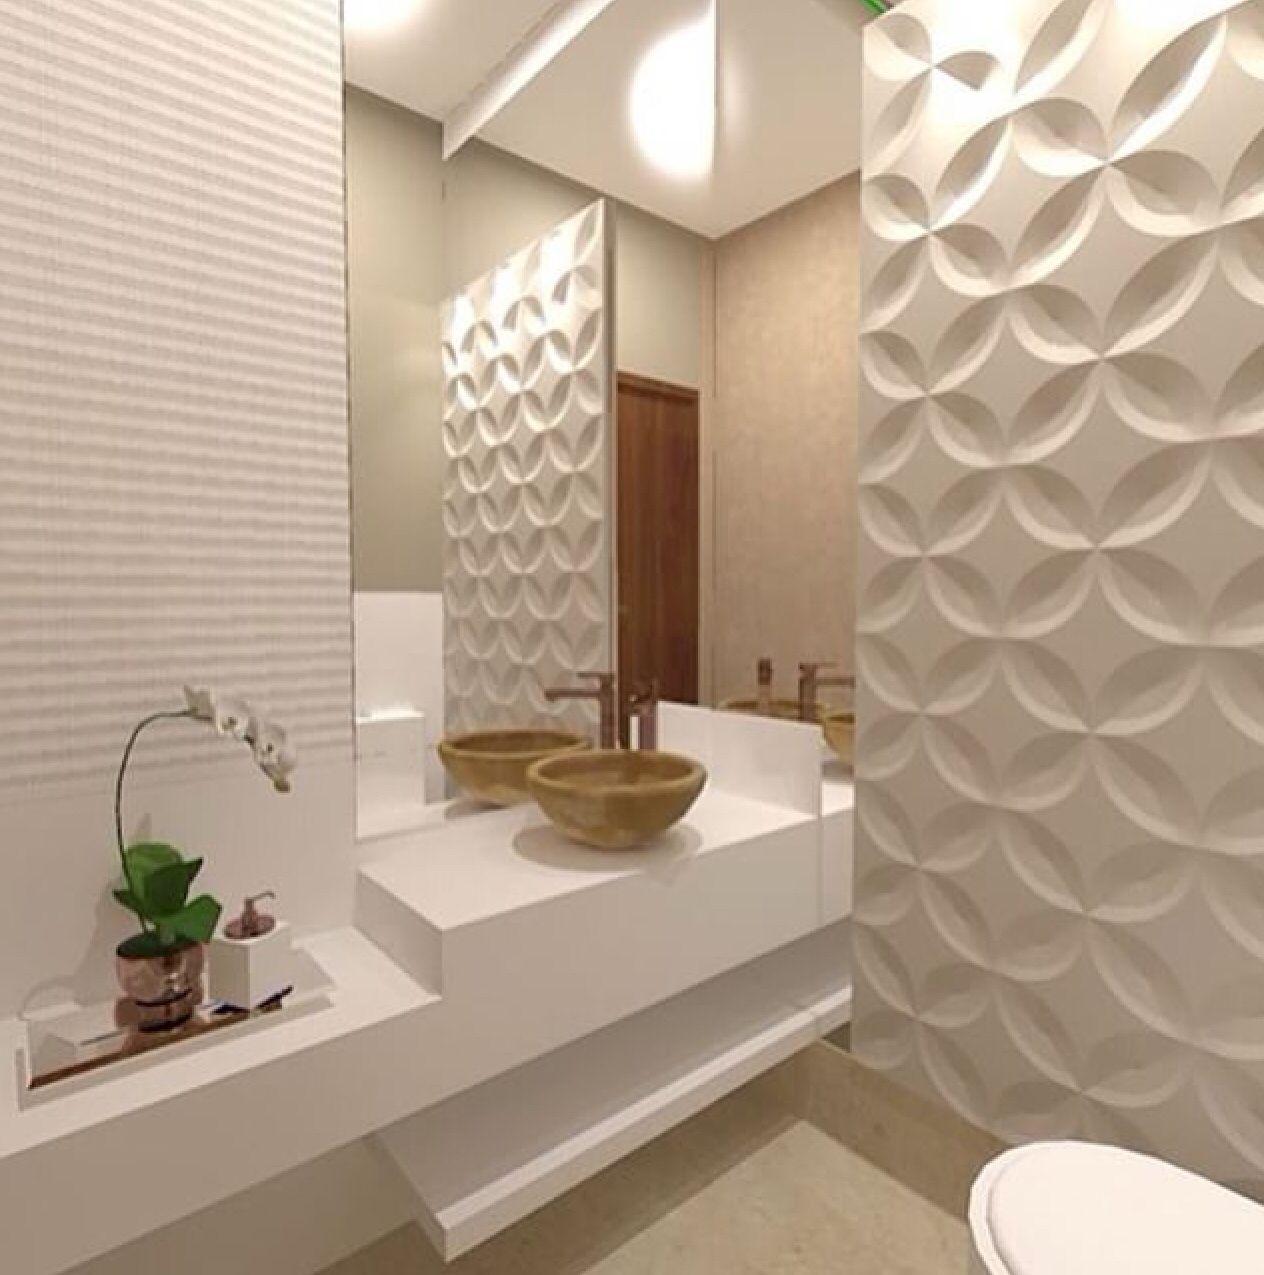 Almocodesexta bathrooms pinterest ba os ba o y Cuartos de bano pinterest